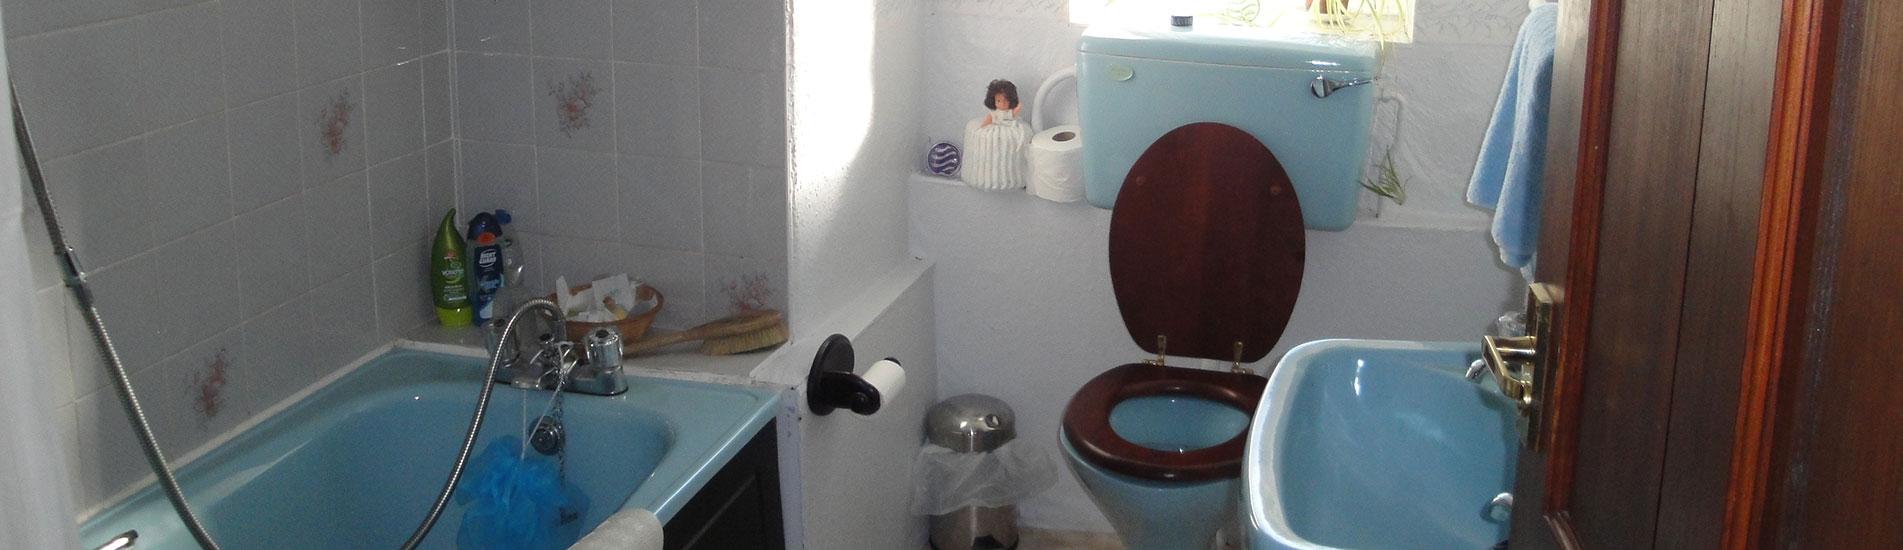 Kimbland Farm Shared Bathroom